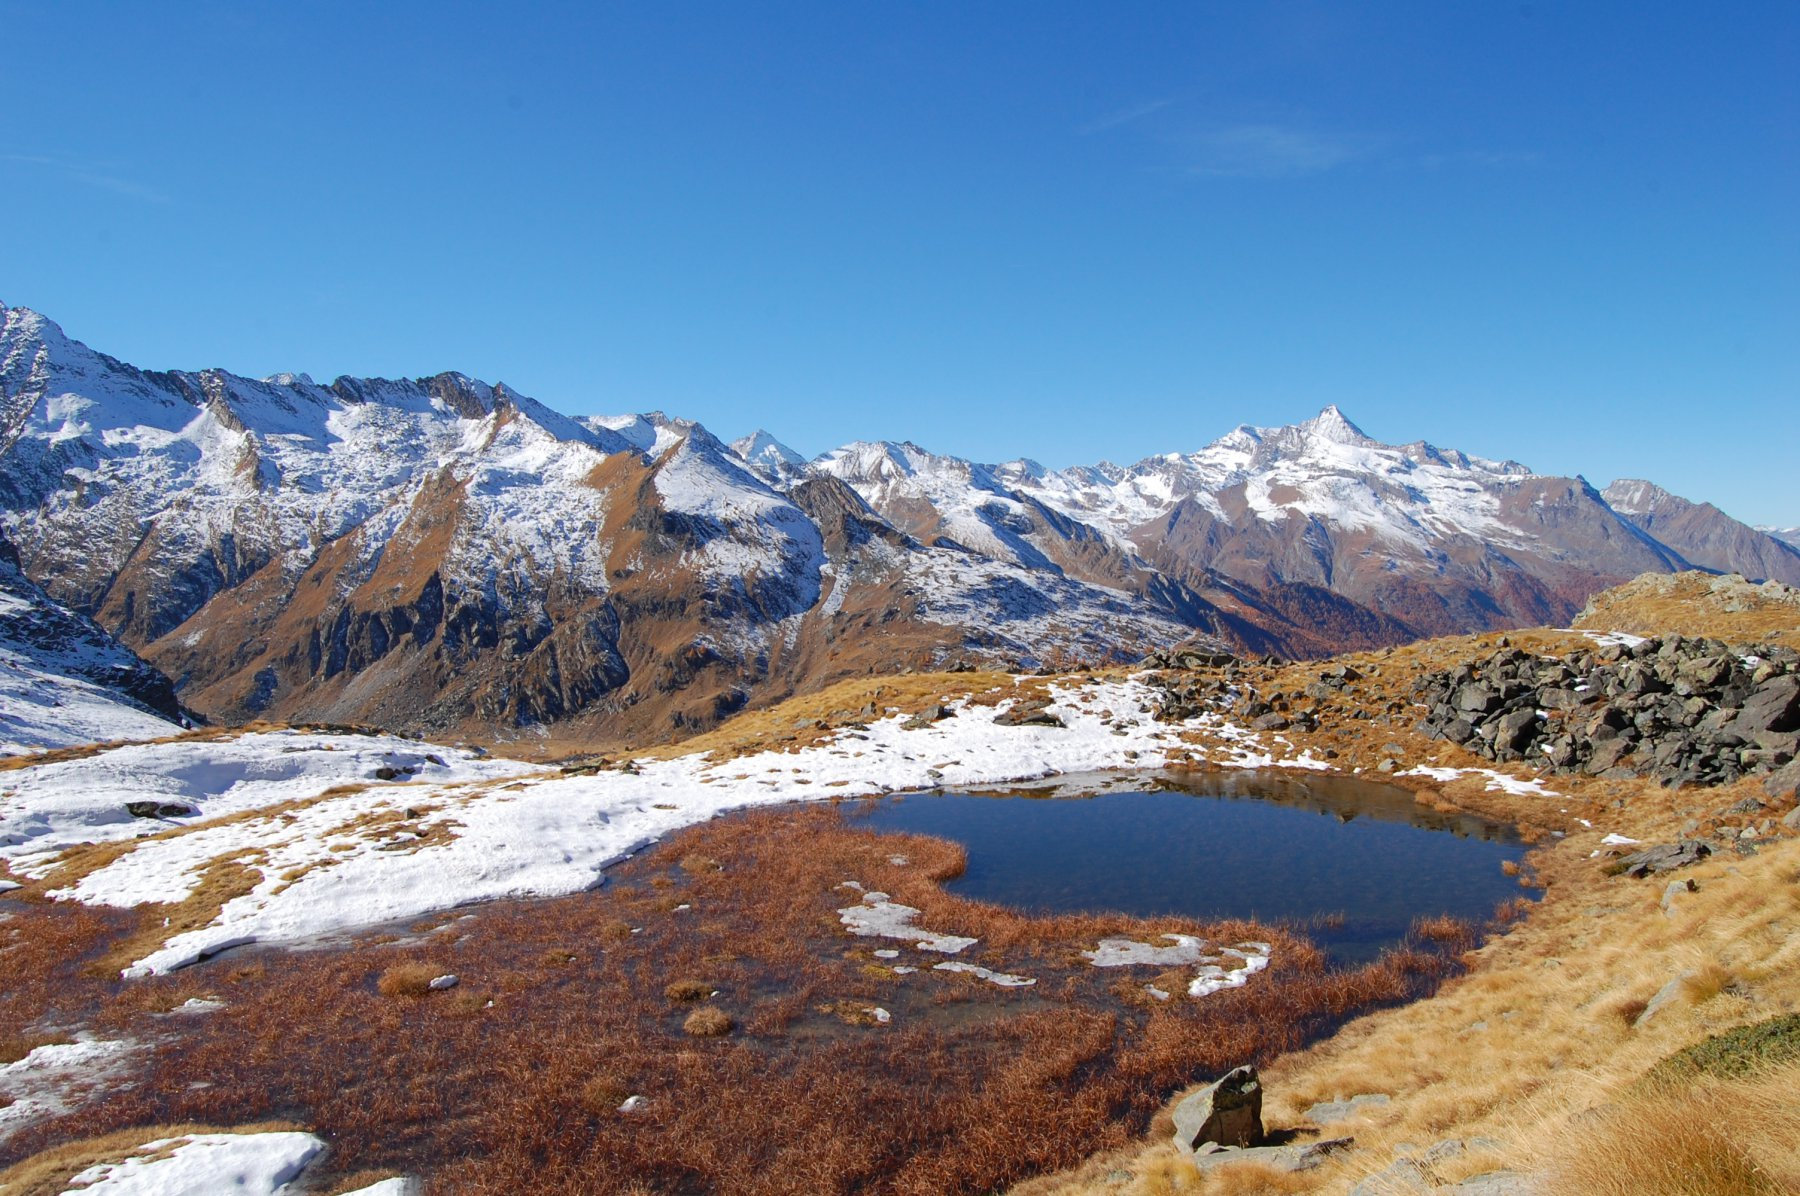 Vista dal Vallone di Acque Rosse verso la Val di Cogne (Grivola)